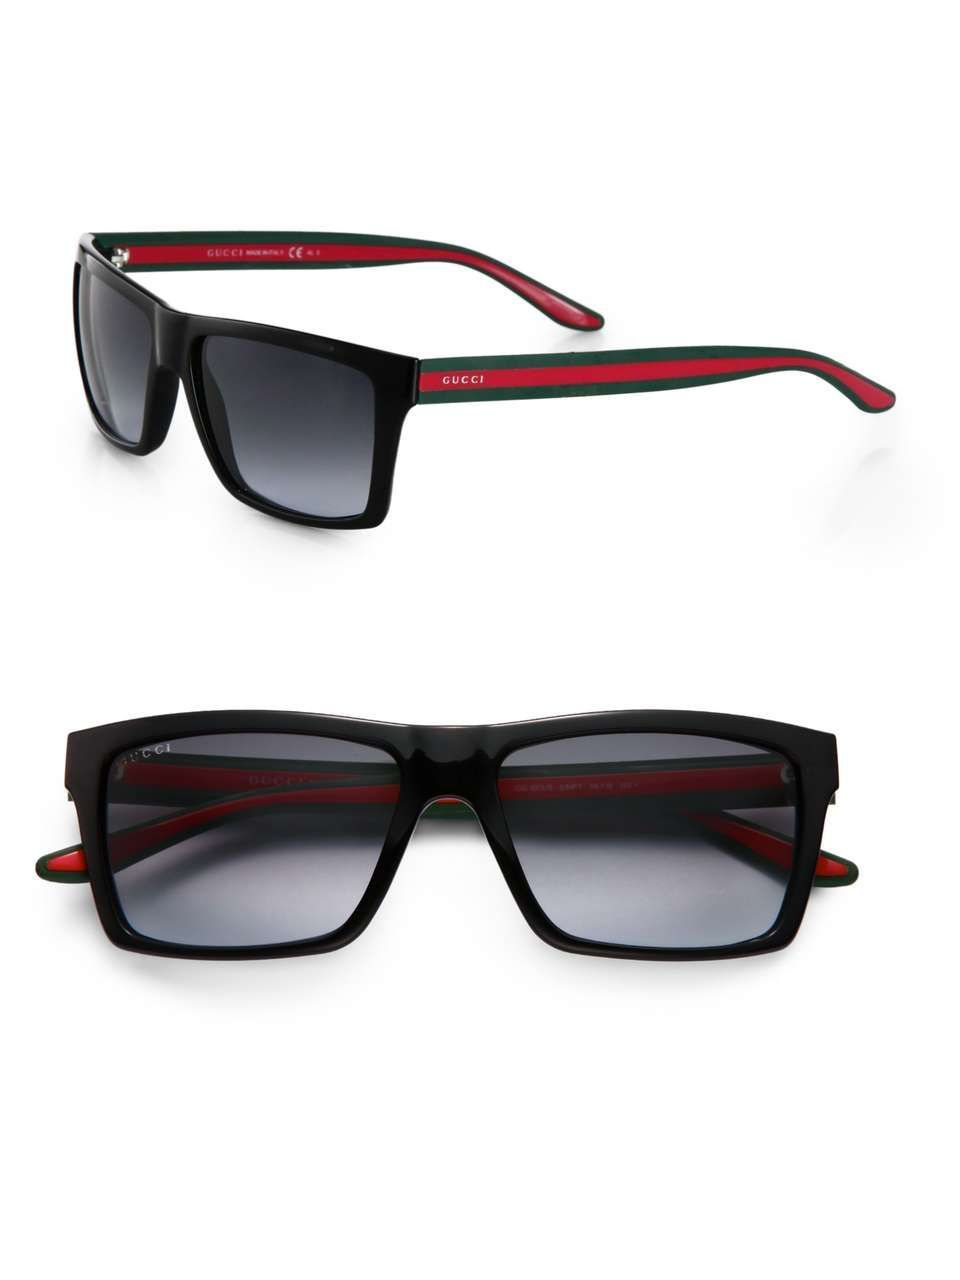 b98ee4d5073 Gucci Web Stripe Sunglasses..Oooh